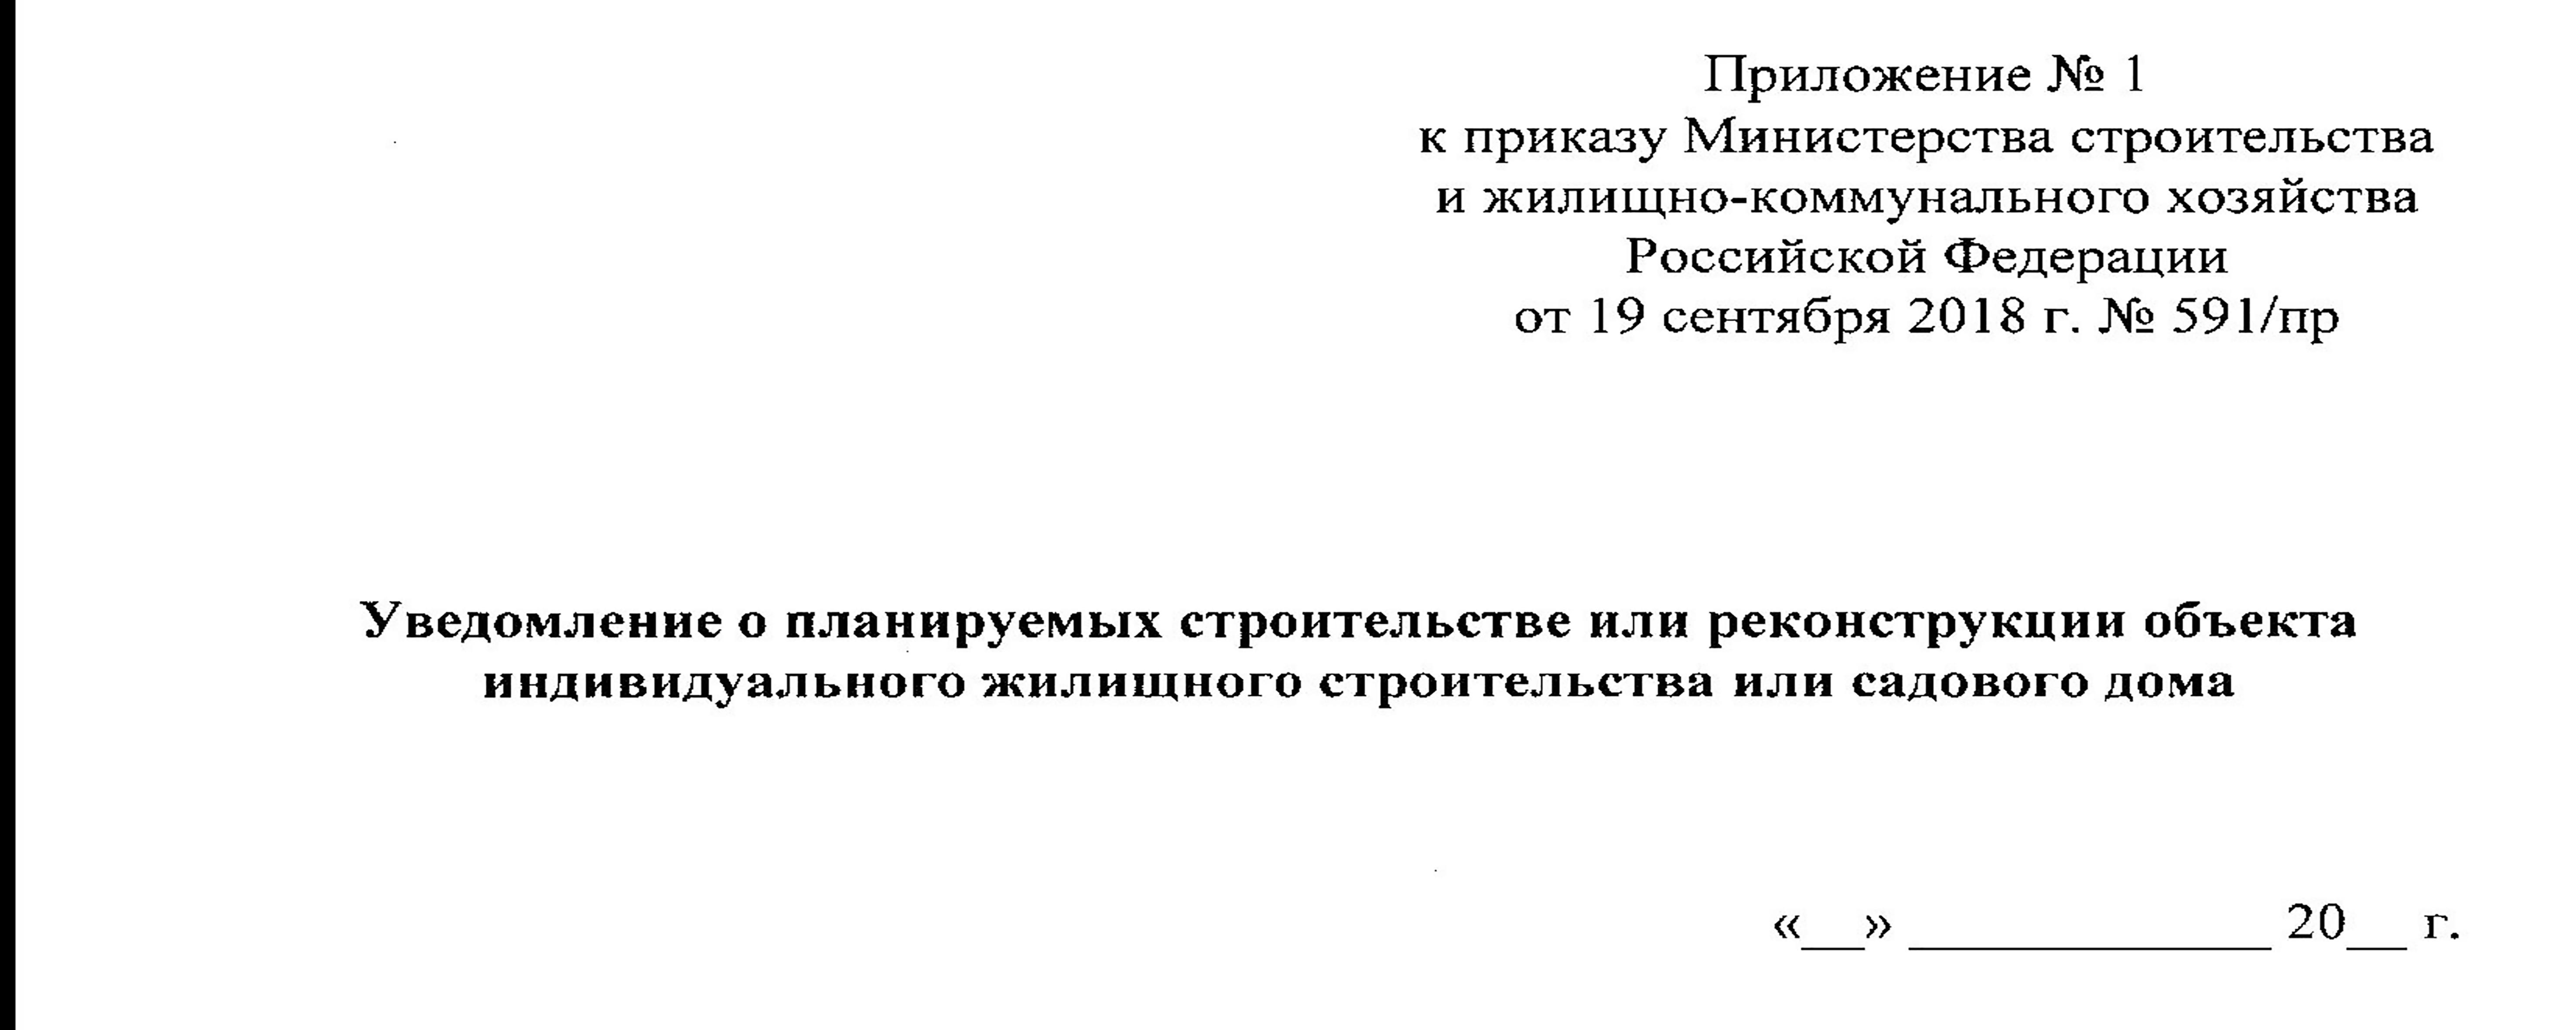 Статья 52 грк рф. осуществление строительства, реконструкции, капитального ремонта объекта капитального строительства